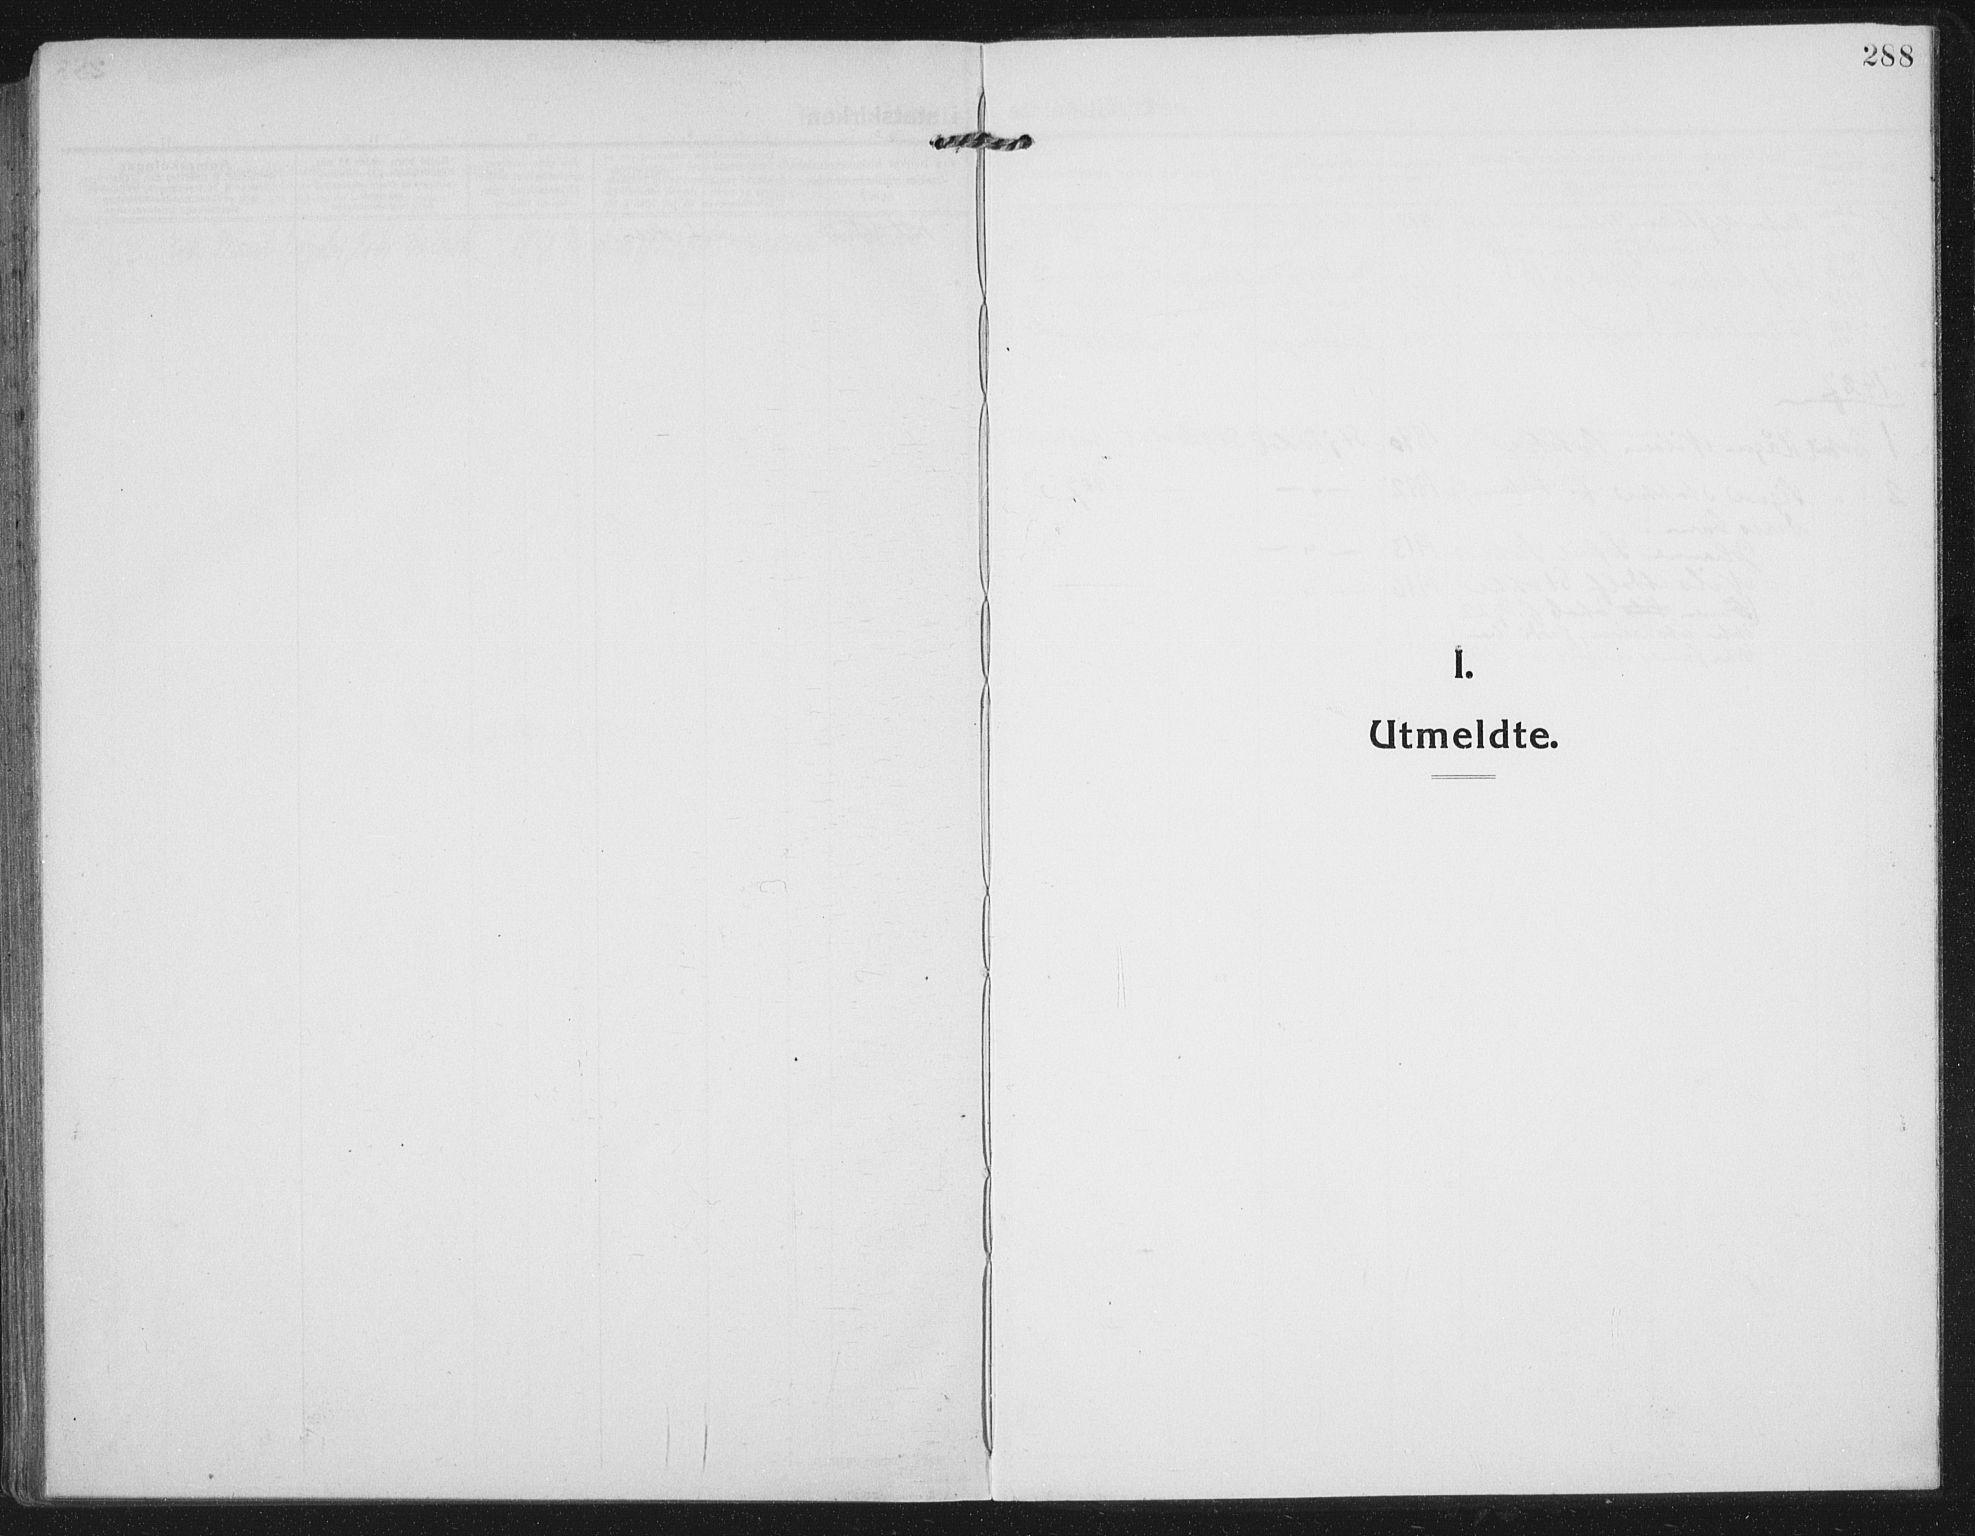 SAT, Ministerialprotokoller, klokkerbøker og fødselsregistre - Nord-Trøndelag, 709/L0083: Ministerialbok nr. 709A23, 1916-1928, s. 288